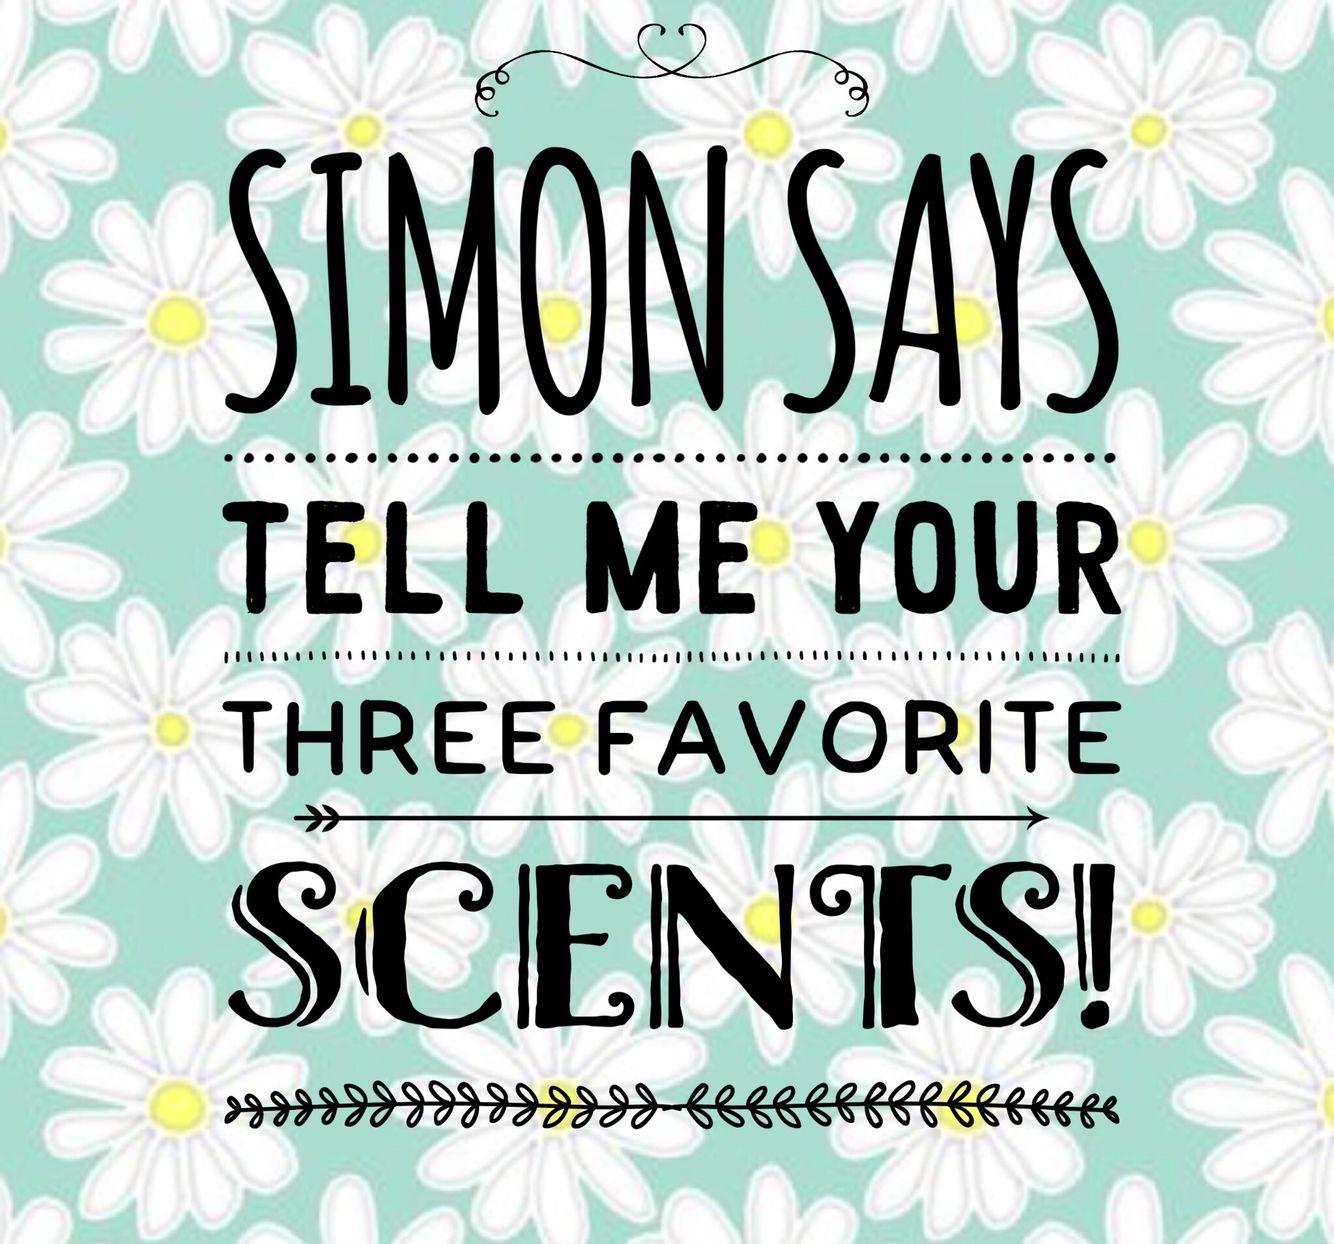 Simon says Scentsy game … Pinteres…